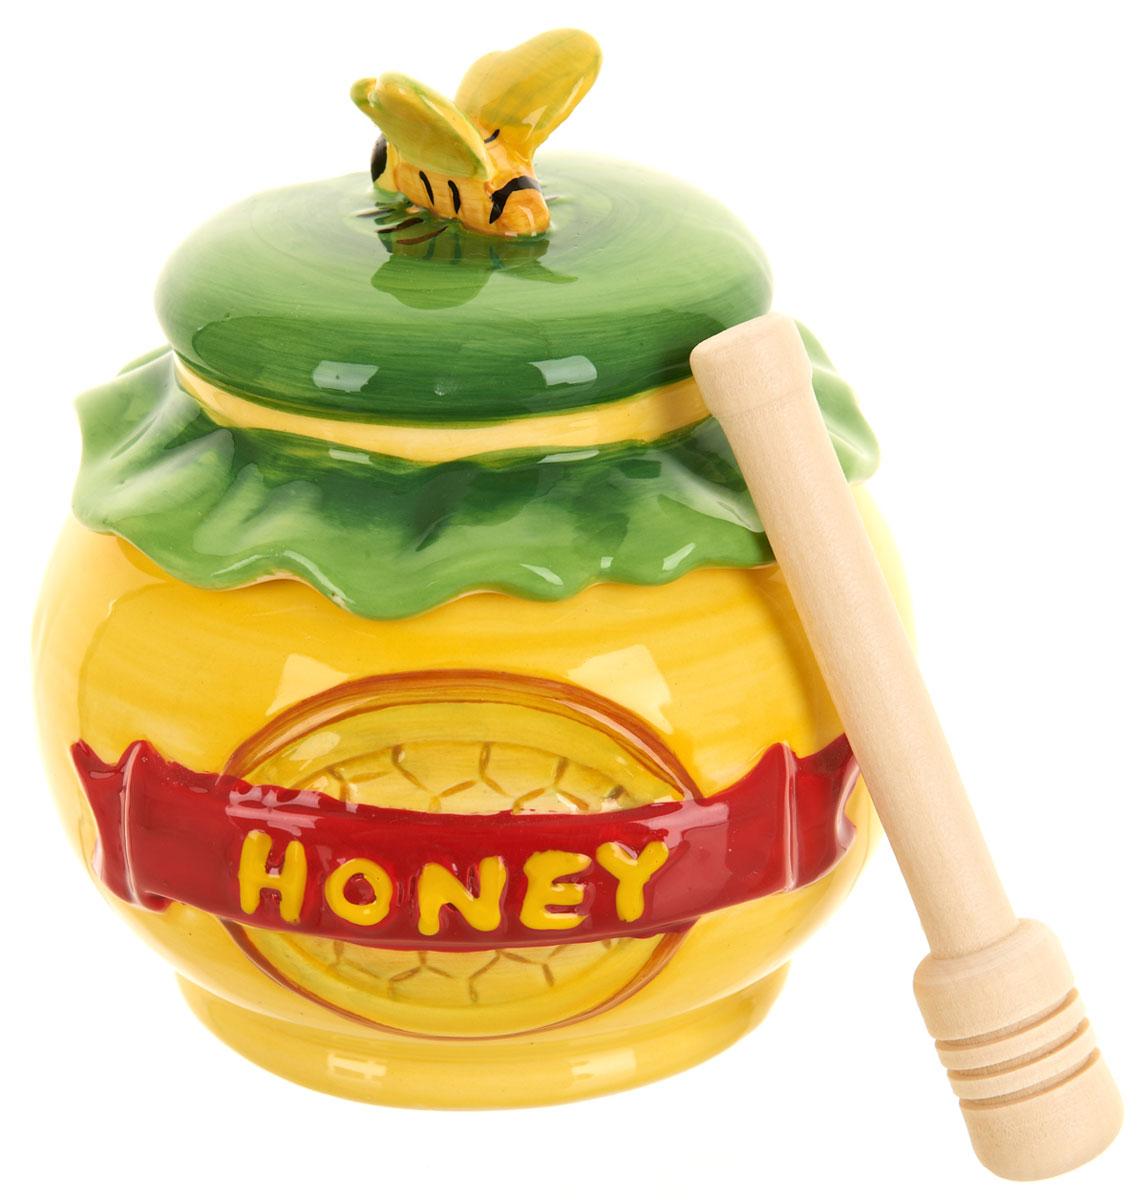 Банка для меда ENS Group Honey, с ложкой, 280 млVT-1520(SR)Банка для меда ENS Group Honey, выполненная из высококачественной керамики, украсит вашу кухню. Банка оснащена плотно закрывающейся крышкой. В комплект входит специальная деревянная ложечка.